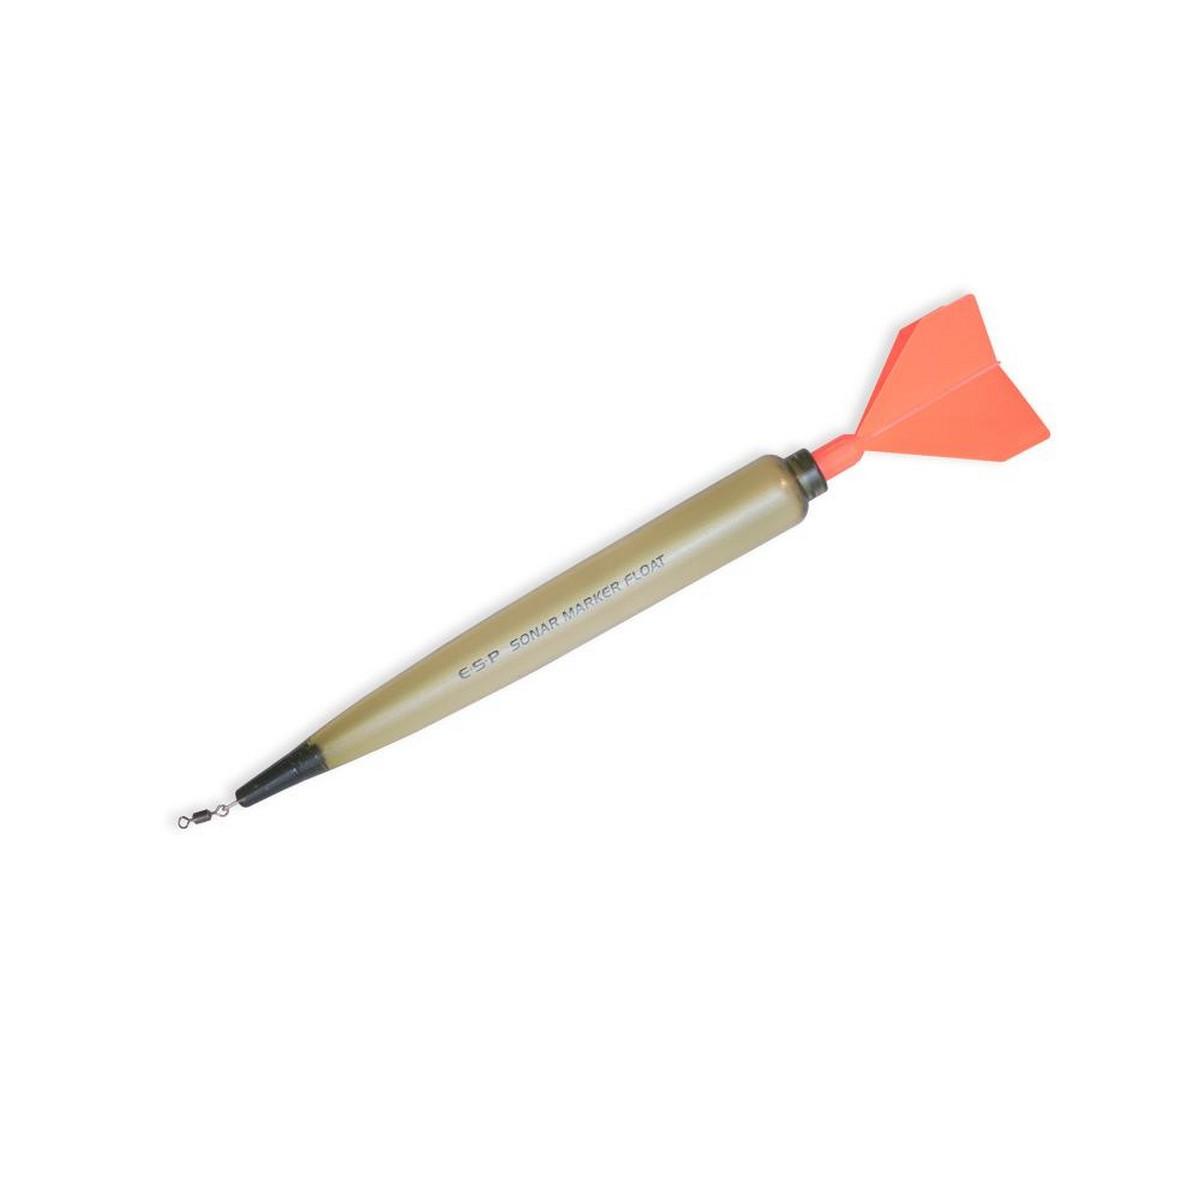 Маркер за шаранджийски риболов ESP Sonar Marker